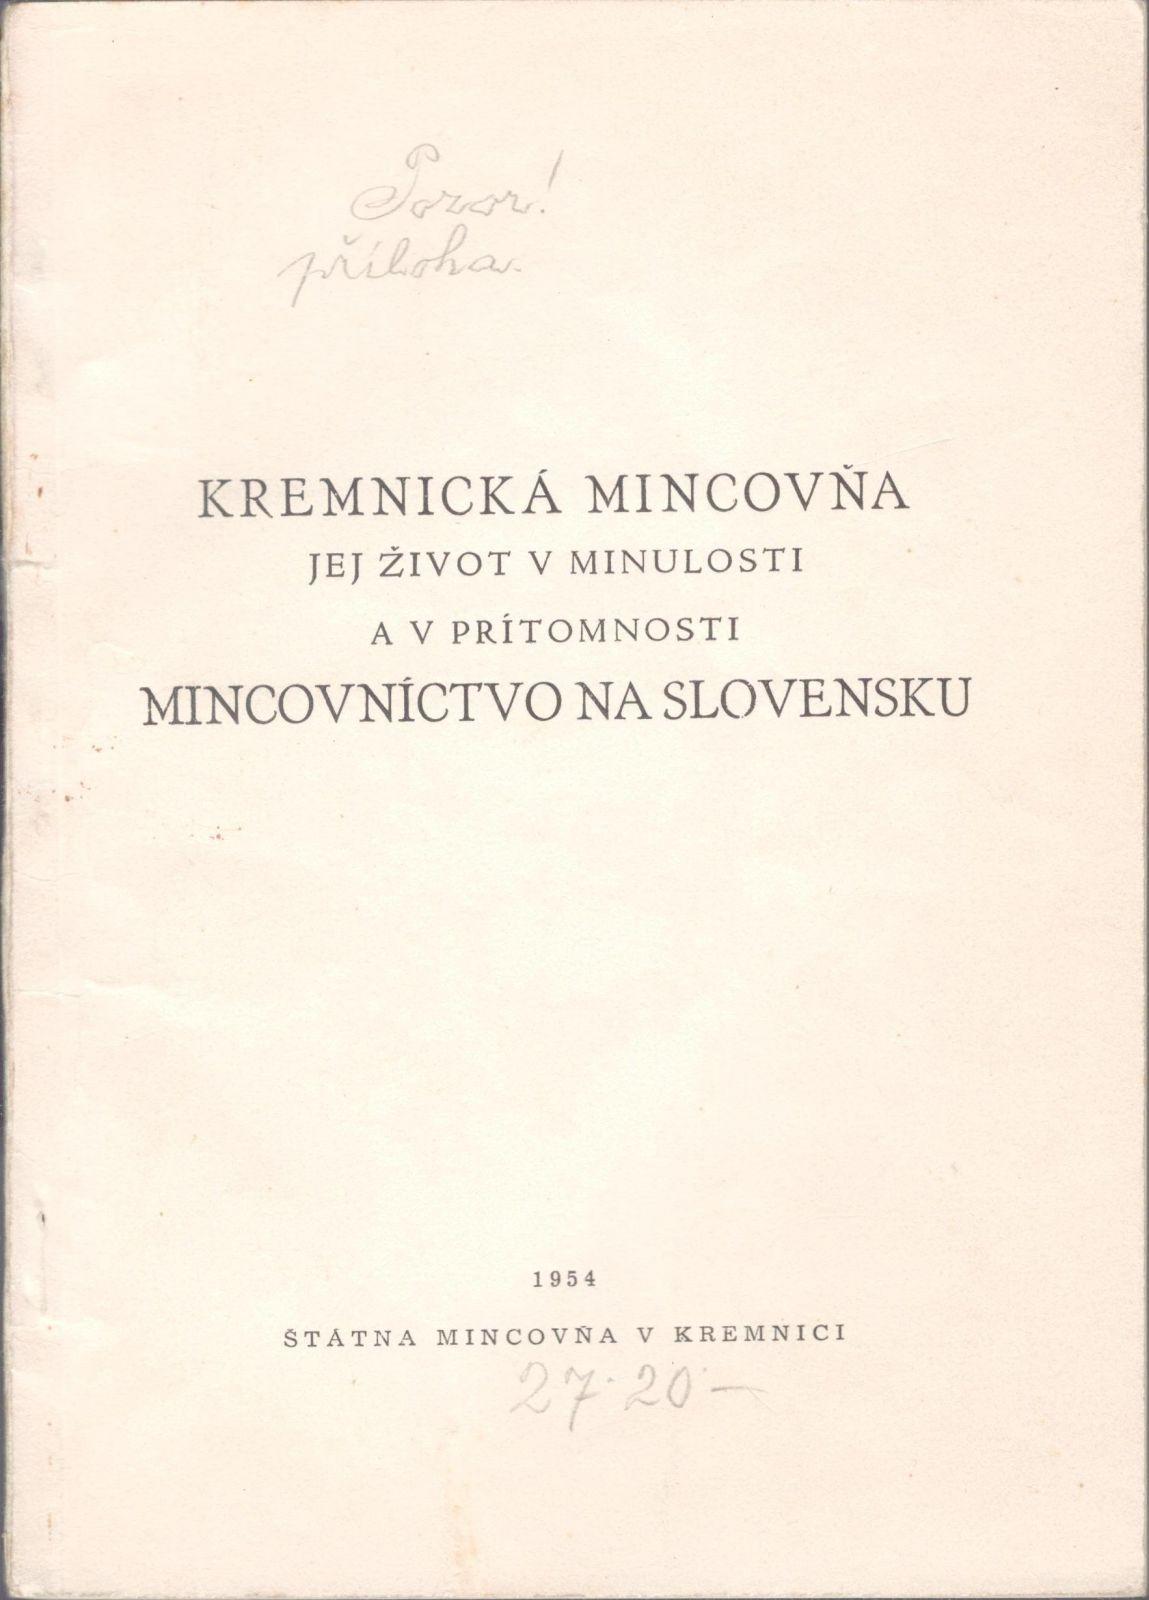 Kremnická mincovňa, jej život v minulosti a v prítomnosti, Mincovnictvo na Slovensku (1954)